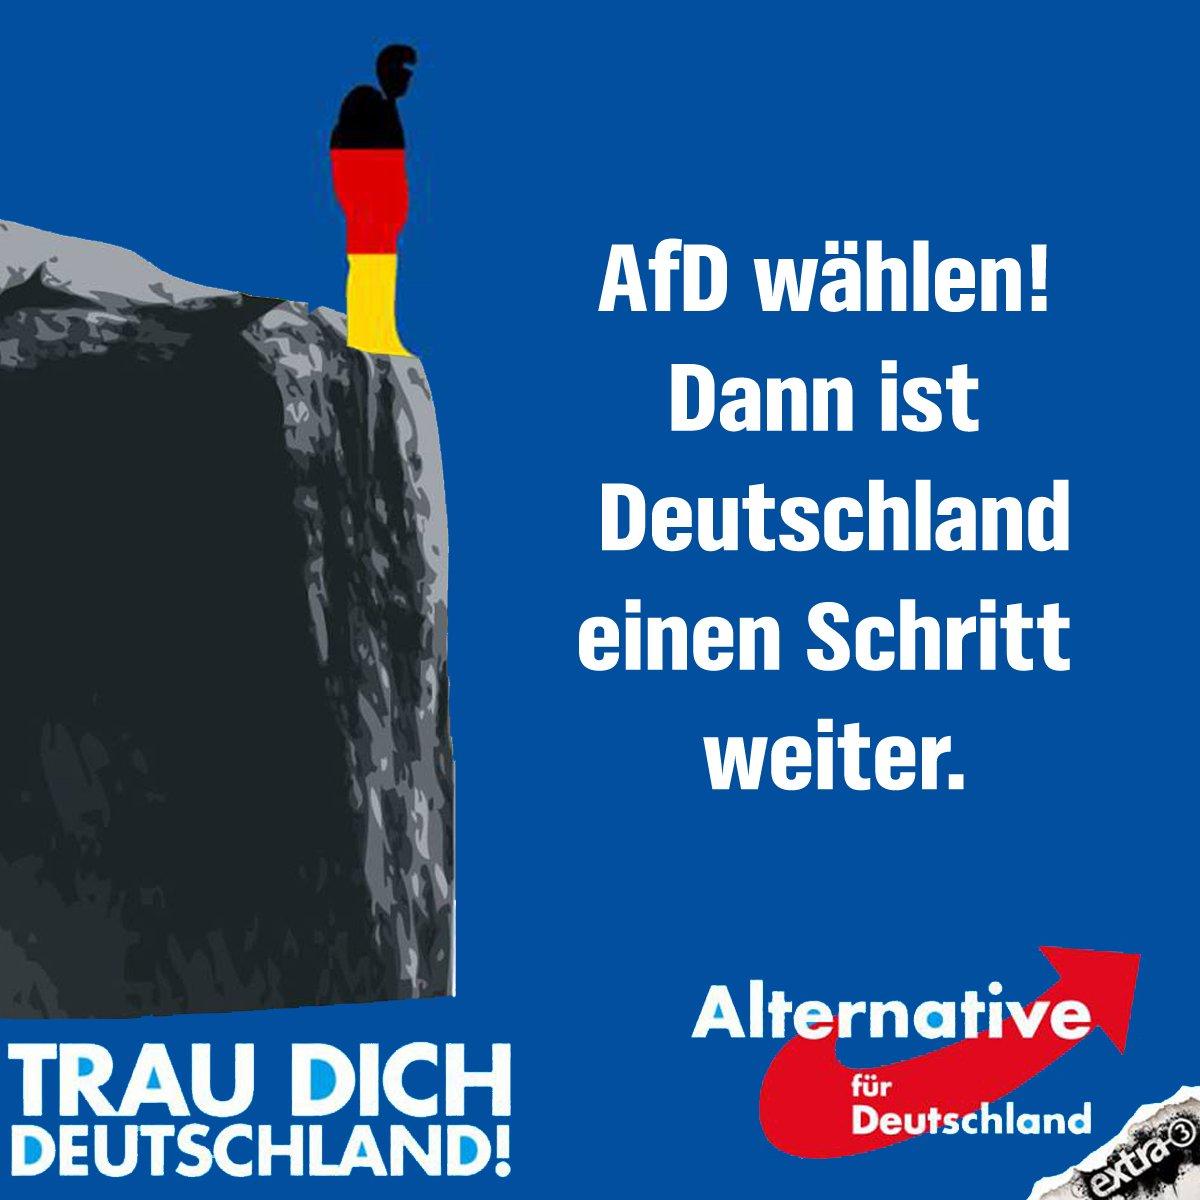 Wir hätten da auch einen Vorschlag für die #TrauDichDeutschland-Kampagne der AfD.